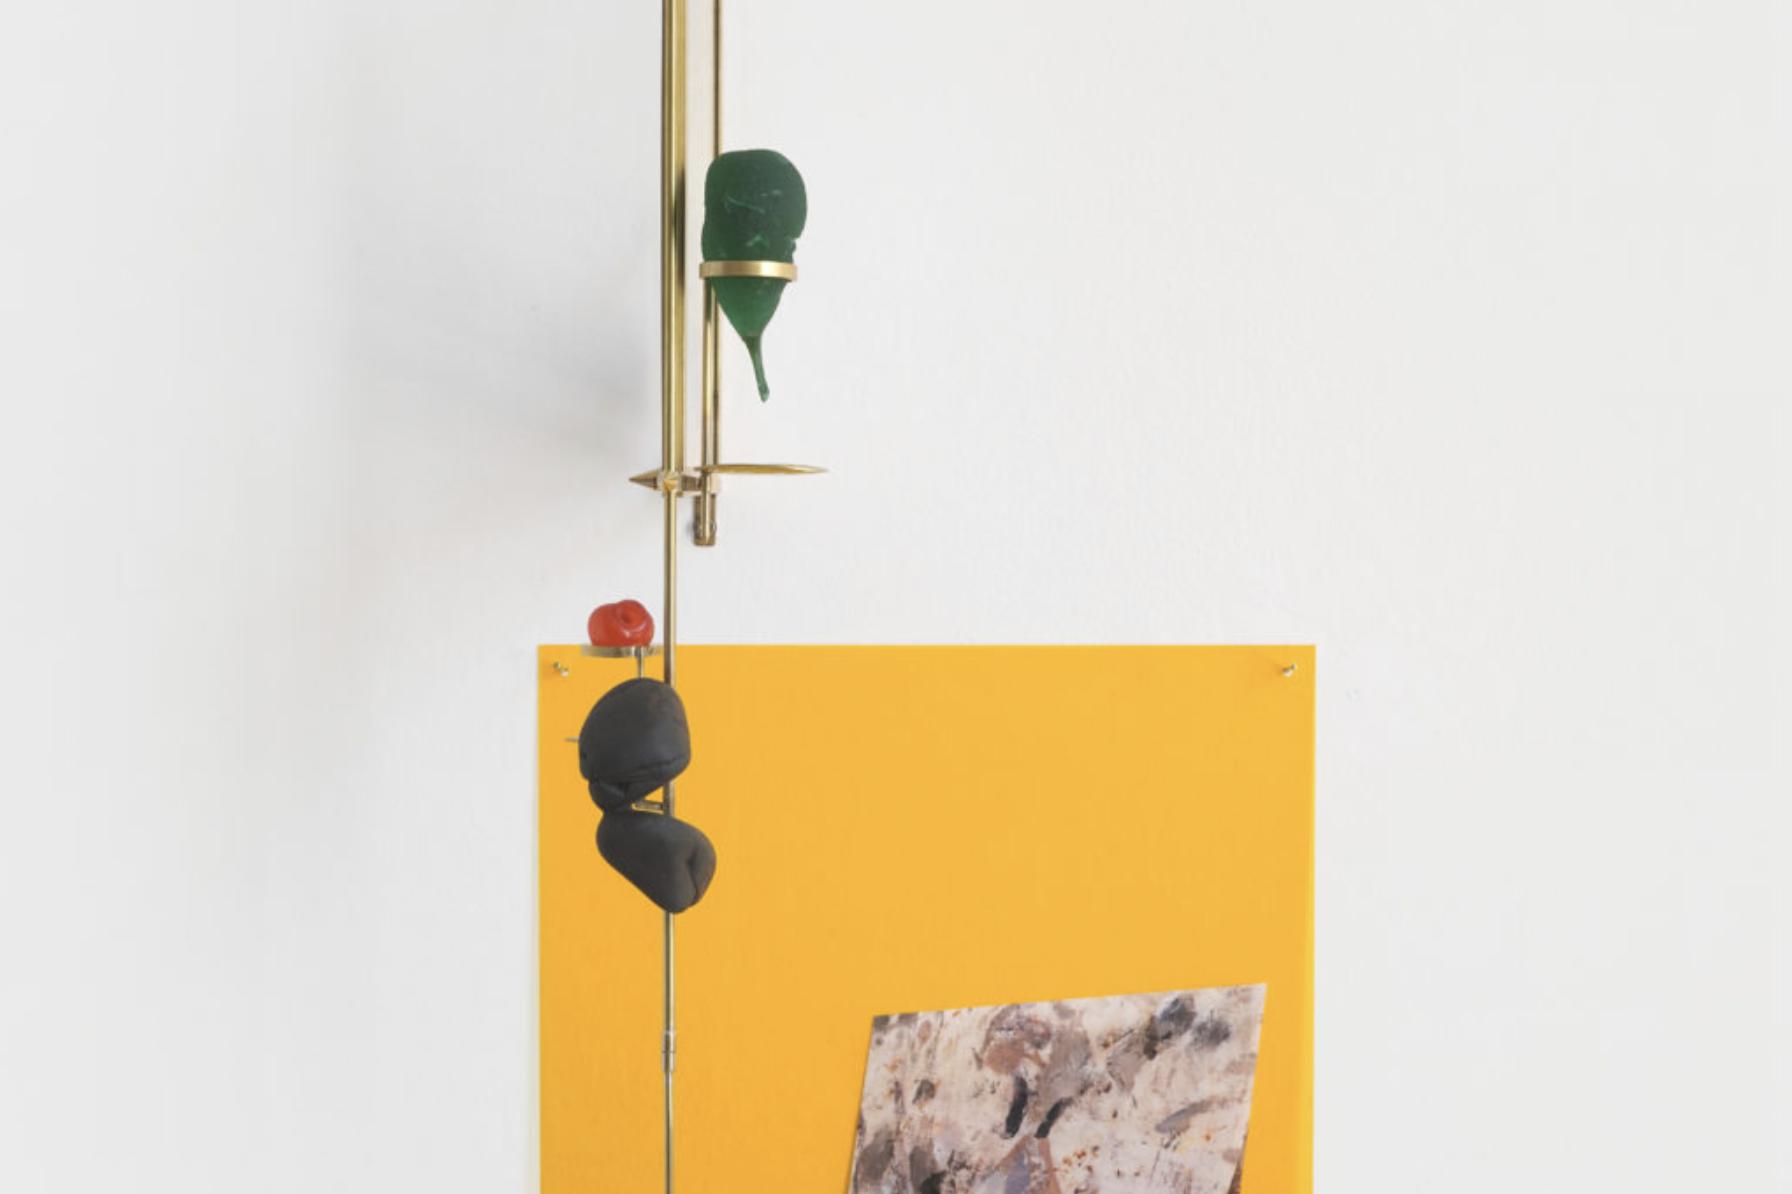 David Casini, Le sorelle, 2020.